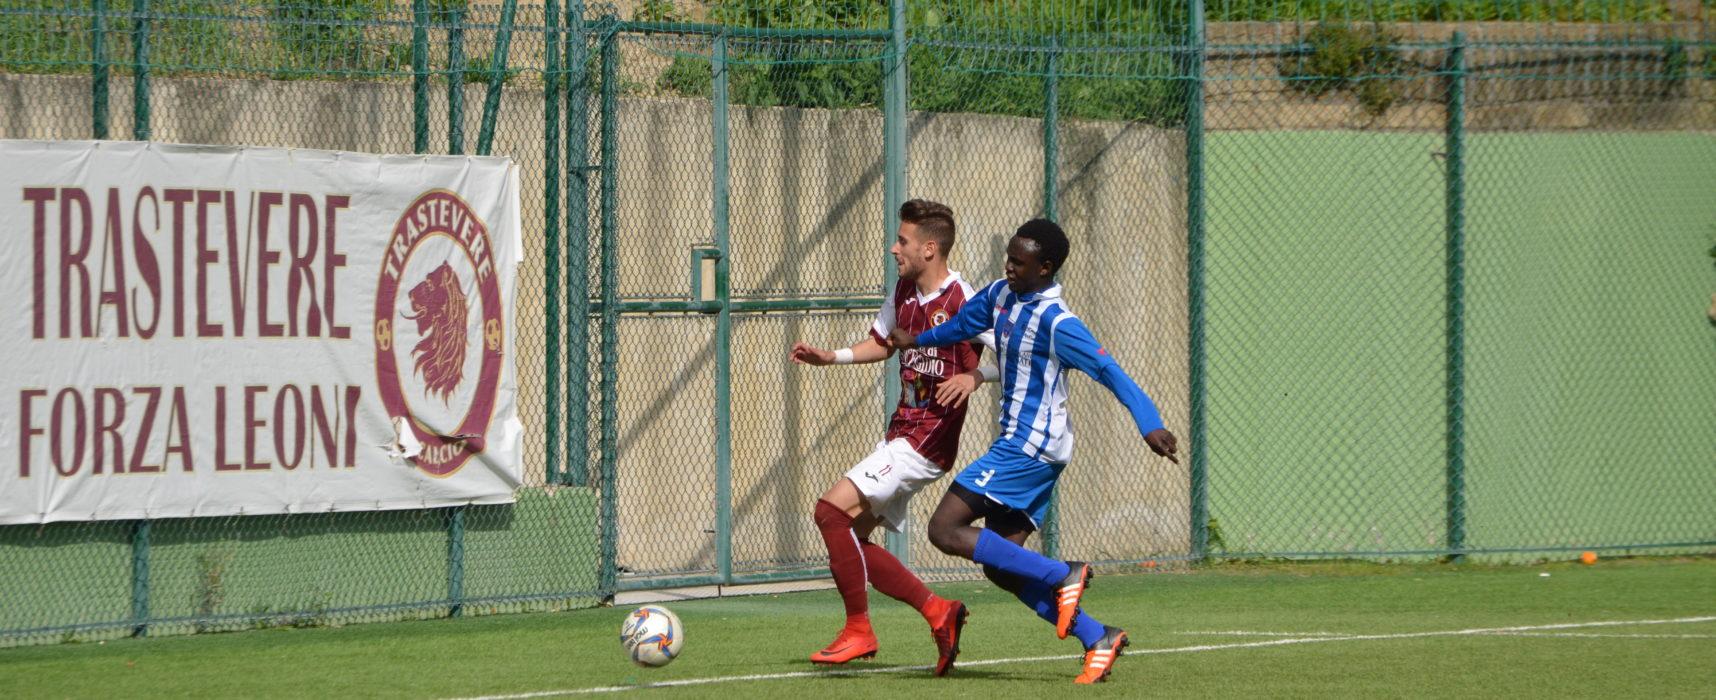 Il Trastevere cede allo Stadium: due reti e tre punti per il Cassino